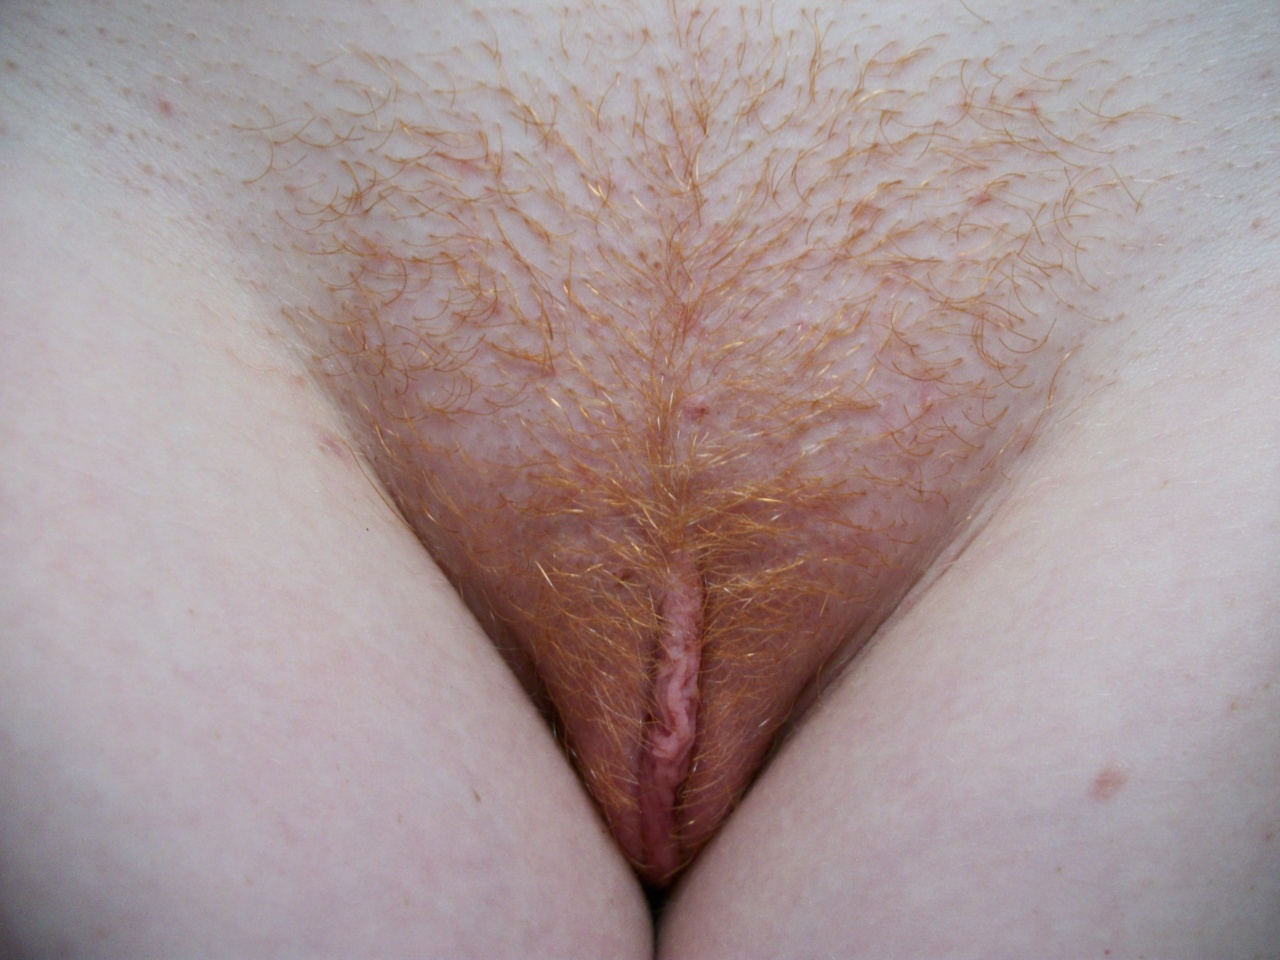 Фото мохнатых рыжих писек, Фото волосатых рыжих писек девушек частное порно 1 фотография